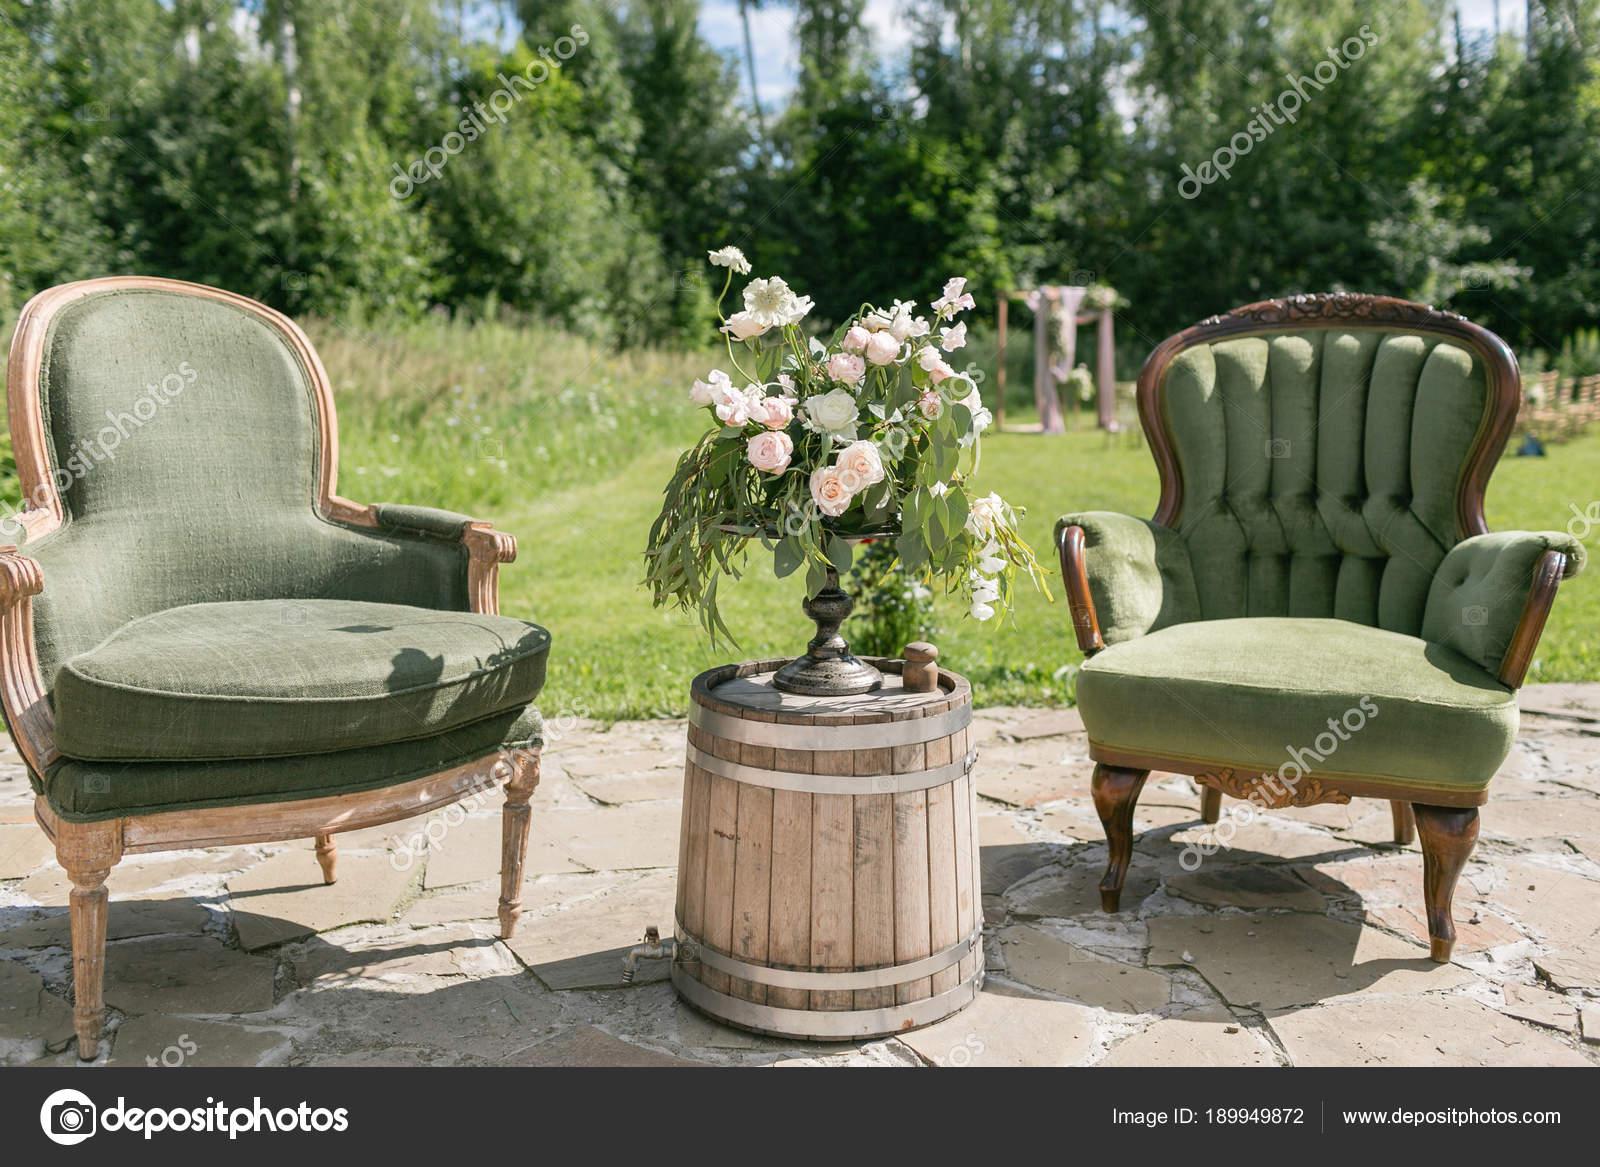 Sedie Depoca : Sedie depoca in legno e tavolo con decorazione floreale in giardino